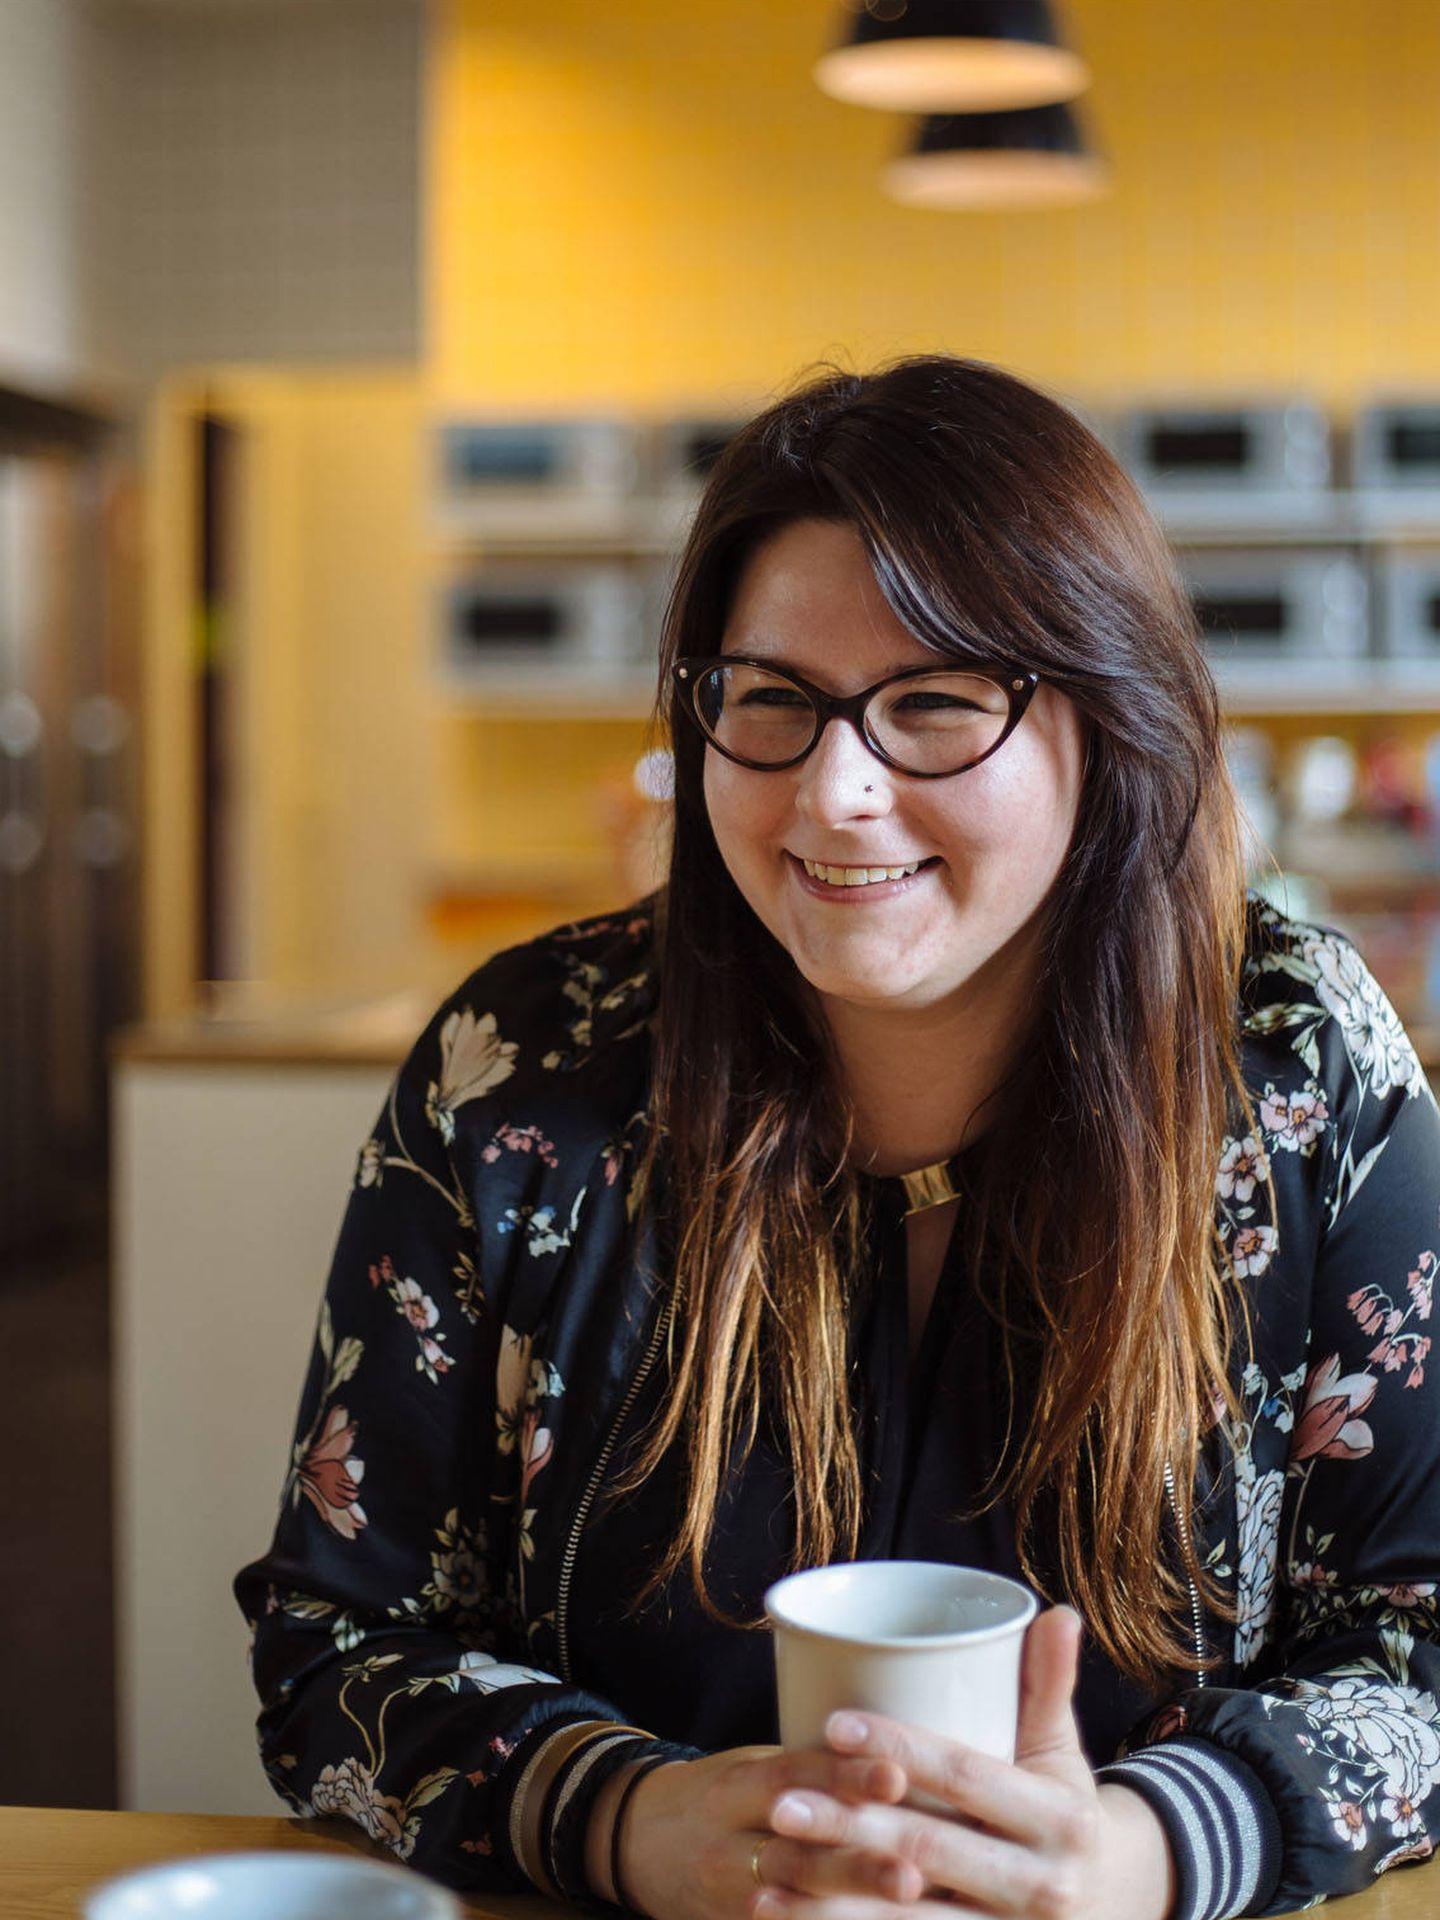 Alice Rendell, diseñadora narrativa en Massive Entertainment, quiere ser un ejemplo para las jóvenes (Fuente: Ubisoft)